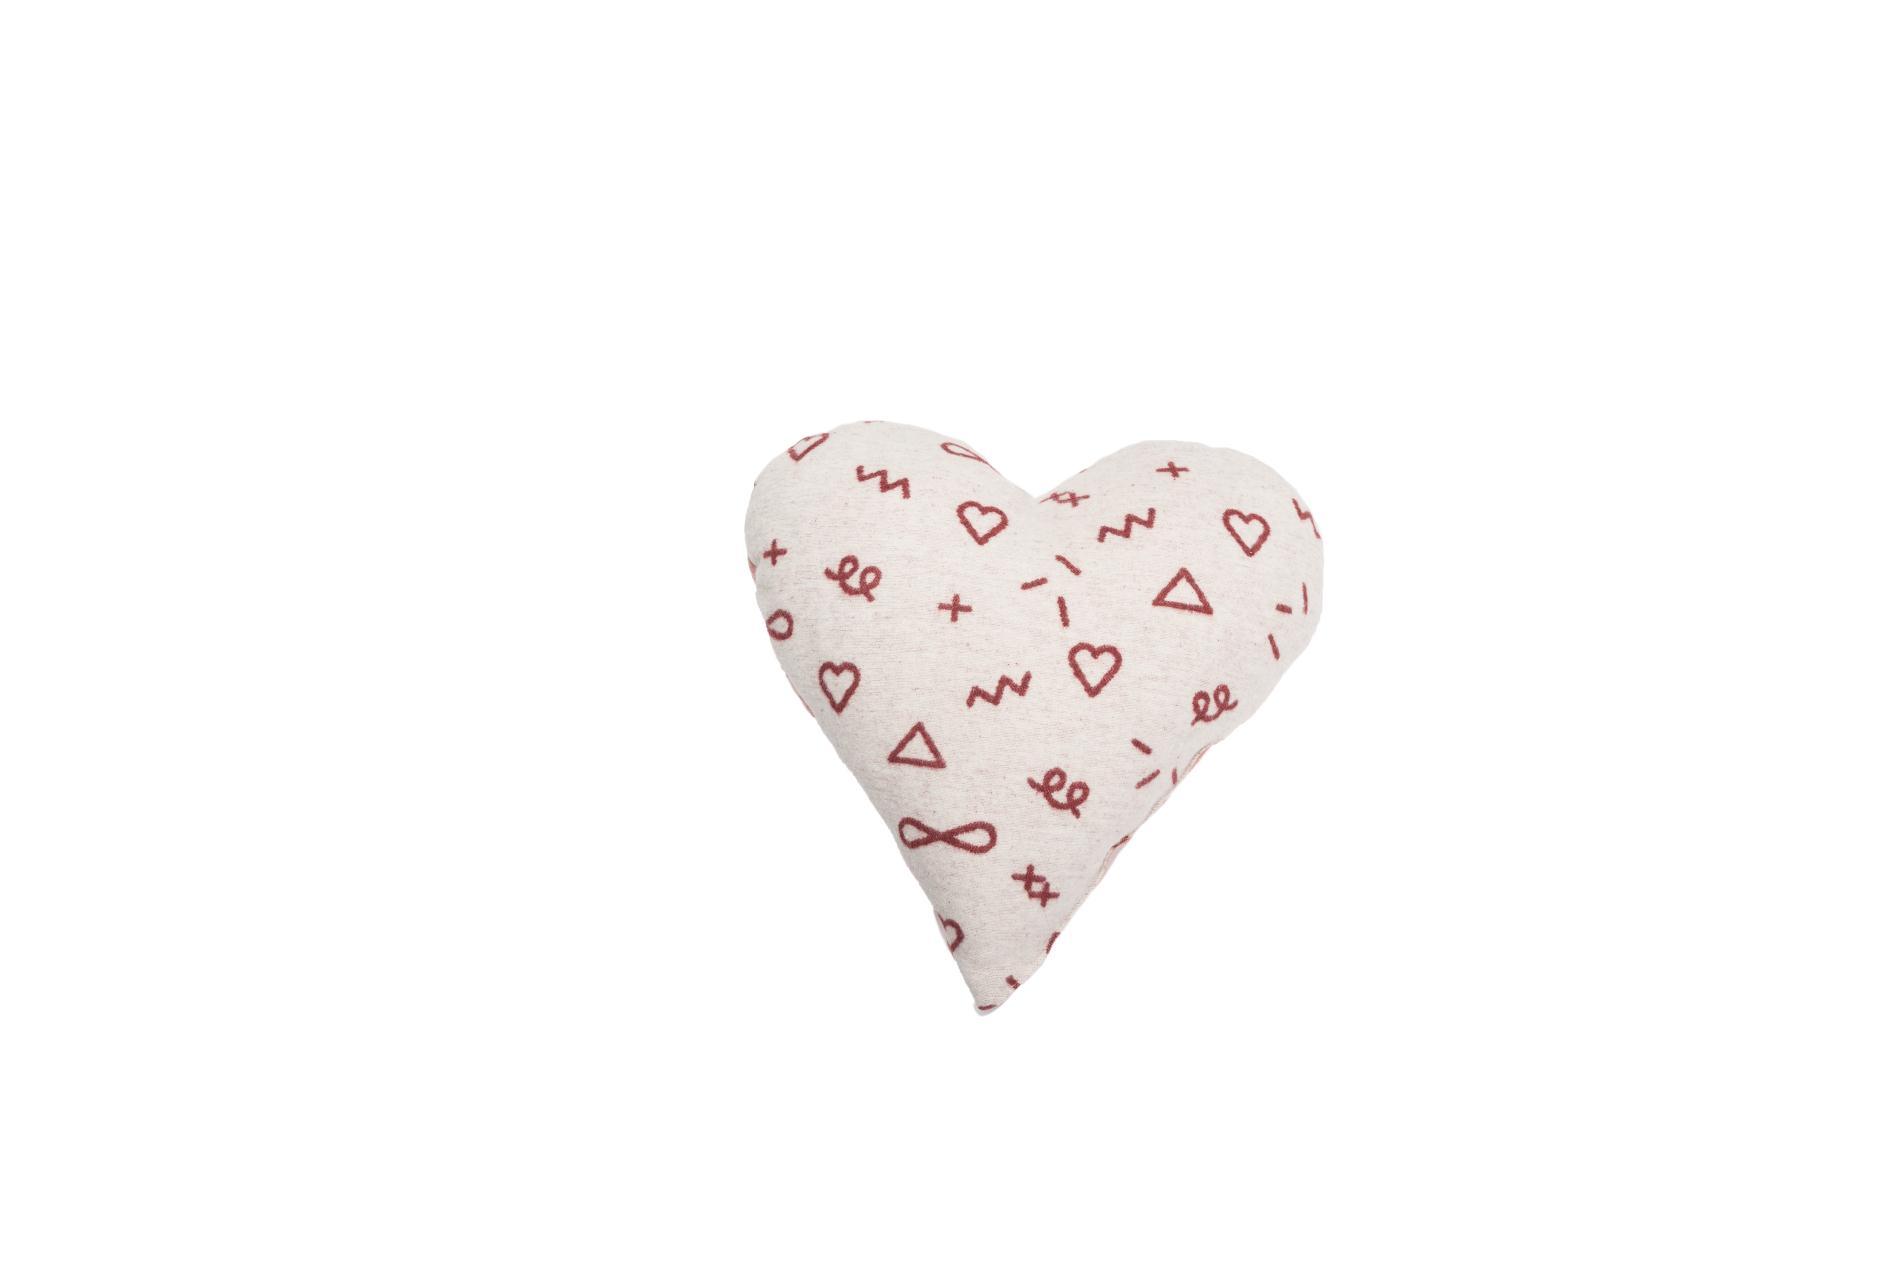 DAVID FUSSENEGGER Kissen, Herz, incl. Füllung, rouge rohweiß, 40x40 cm